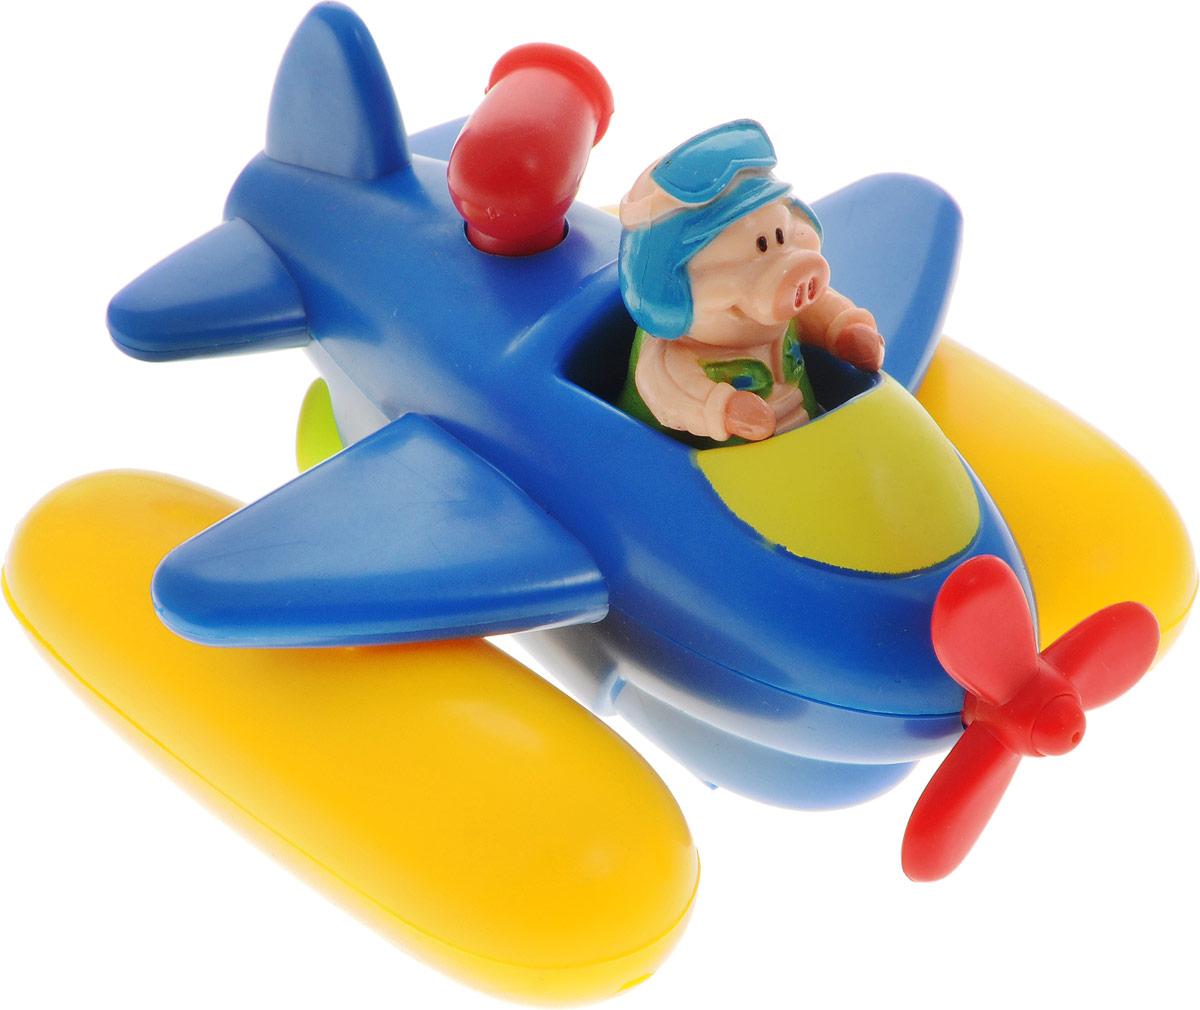 Жирафики Игрушка для ванной Аэроплан681120Игрушка для ванной Жирафики Аэроплан привлечет внимание вашего малыша и не позволит ему скучать. Игрушка выполнена в виде гидросамолета со свинкой-пилотом. Пропеллер самолетика свободно вращается. Игрушка имеет встроенный заводной механизм, обеспечивающий вращение винта на днище самолетика, благодаря чему он плывет вперед и брызгается водой. Заводится игрушка с помощью декоративного элемента в виде турбины за спиной пилота. Выполненная из качественных материалов, игрушка будет радовать малыша долгое время. Игрушка способствует развитию мелкой моторики, сенсорного восприятия и воображения.